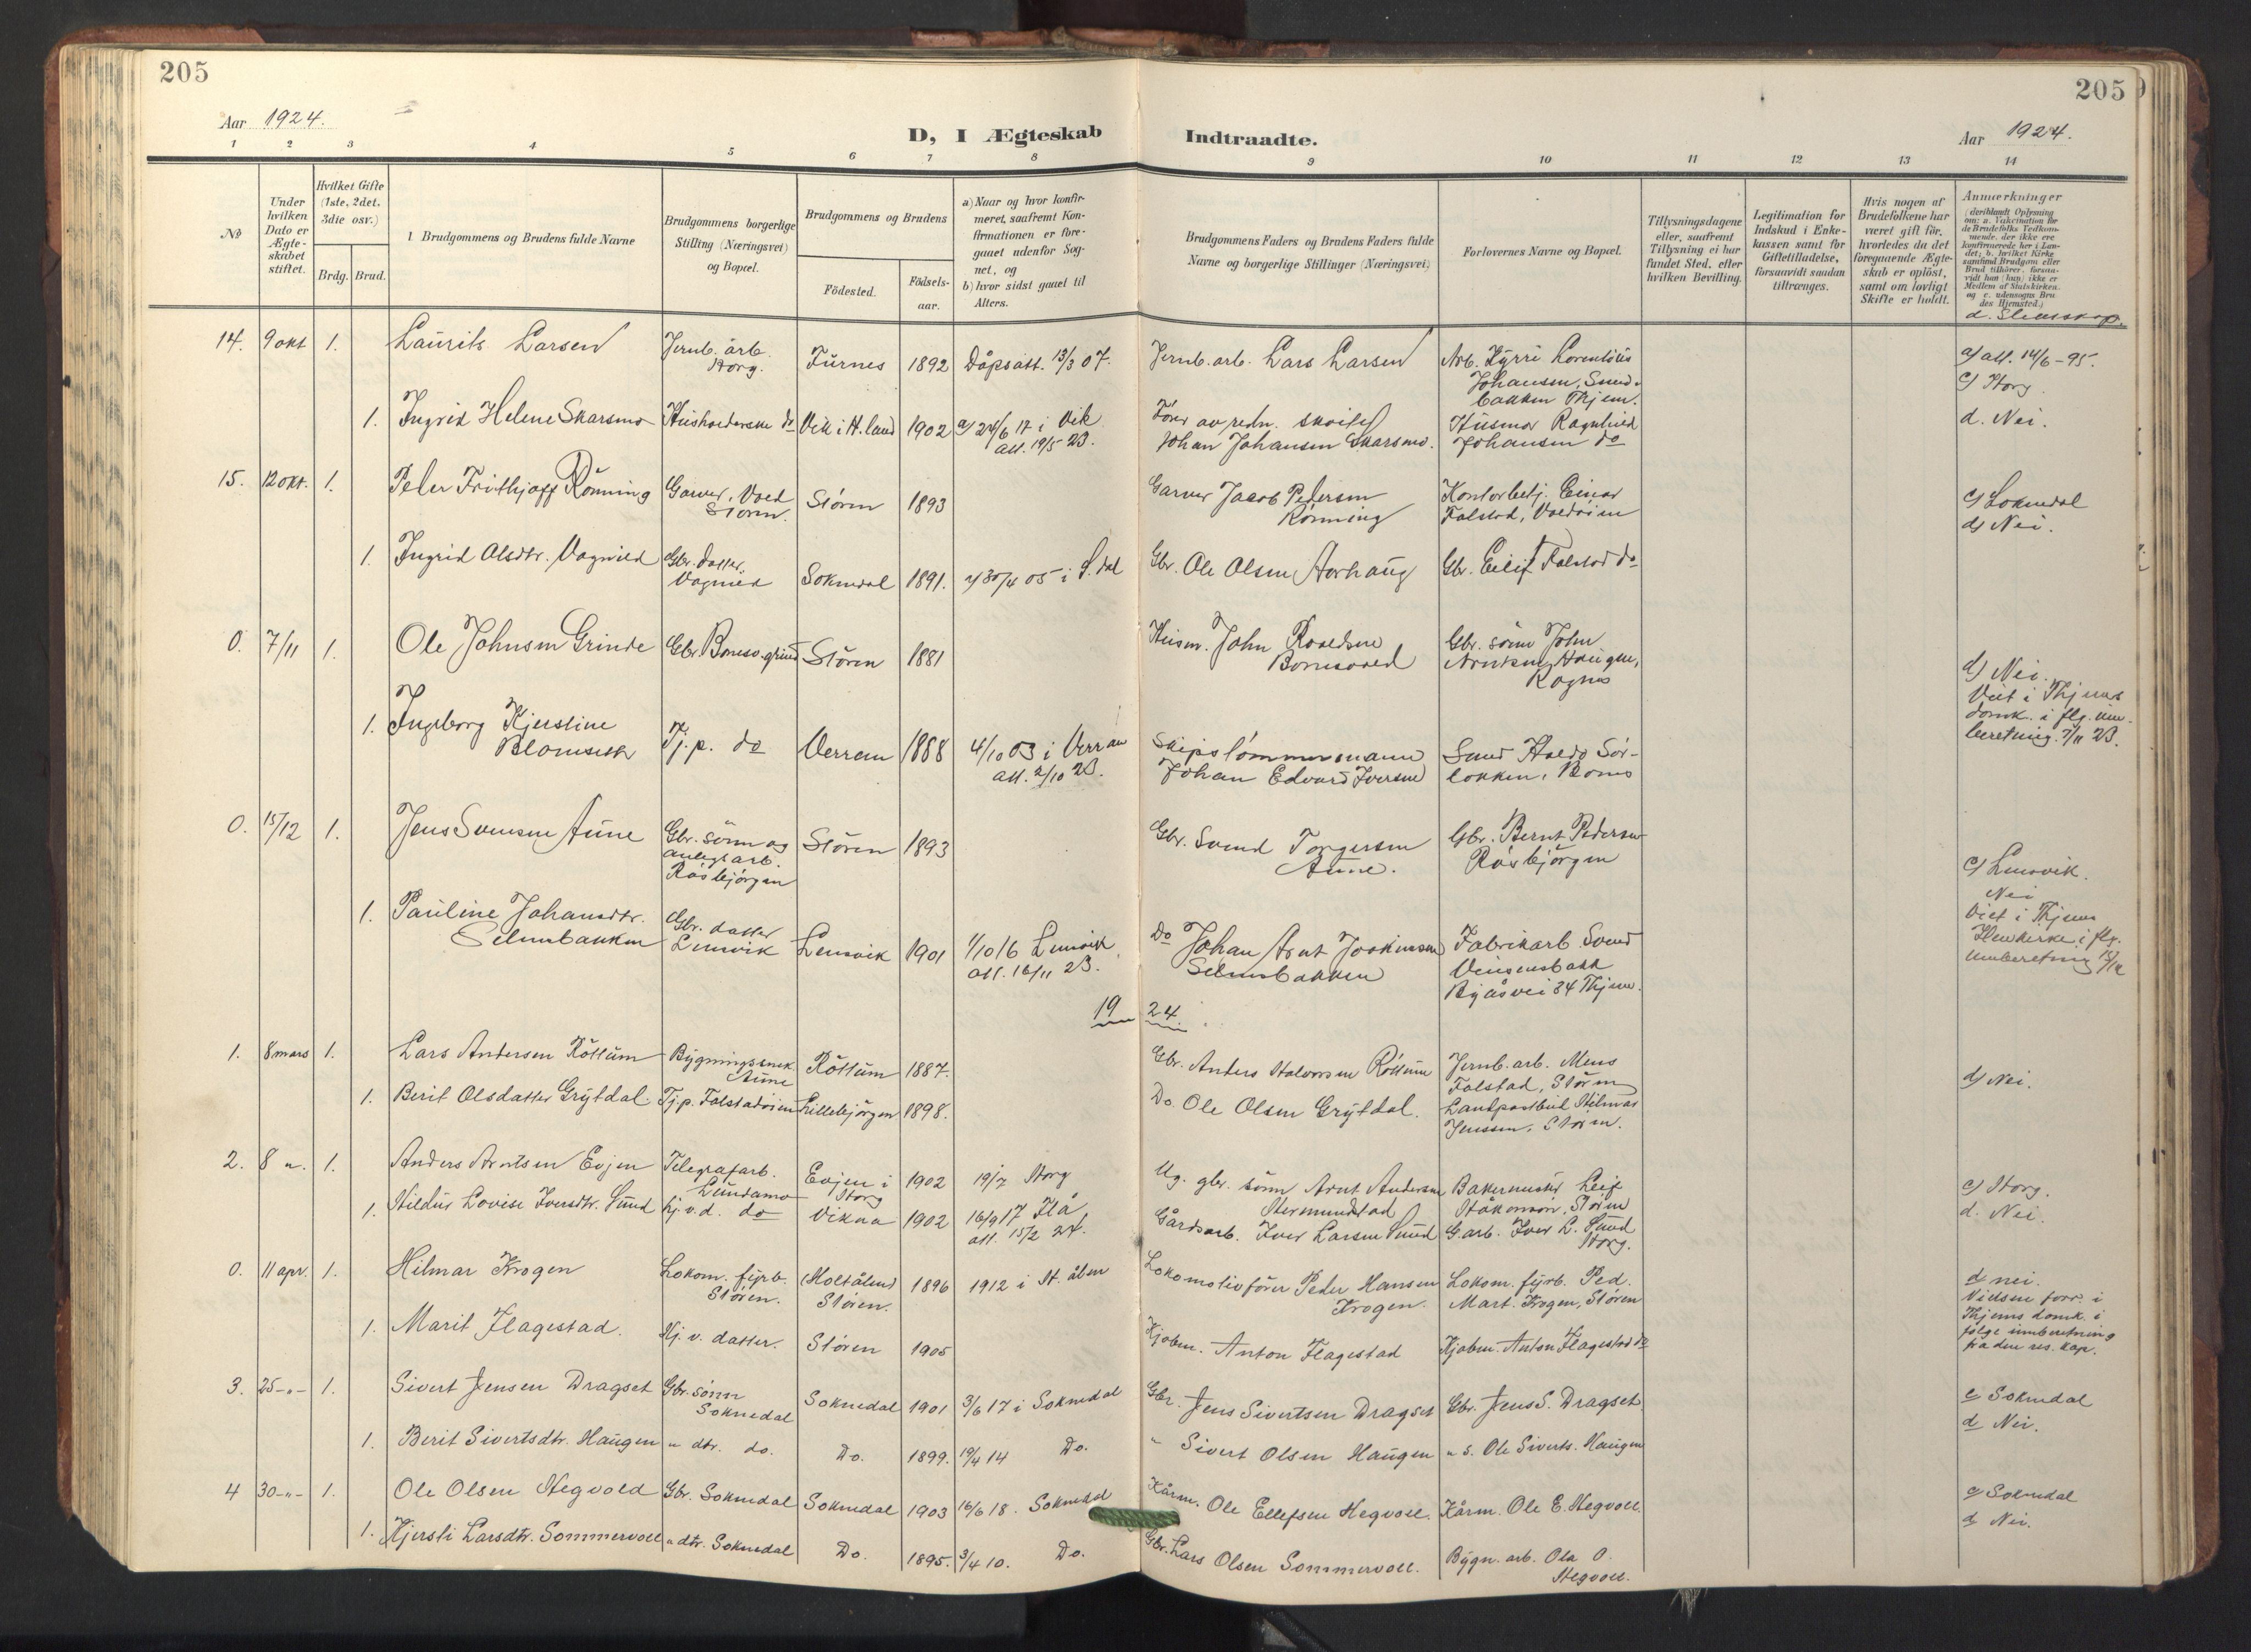 SAT, Ministerialprotokoller, klokkerbøker og fødselsregistre - Sør-Trøndelag, 687/L1019: Klokkerbok nr. 687C03, 1904-1931, s. 205